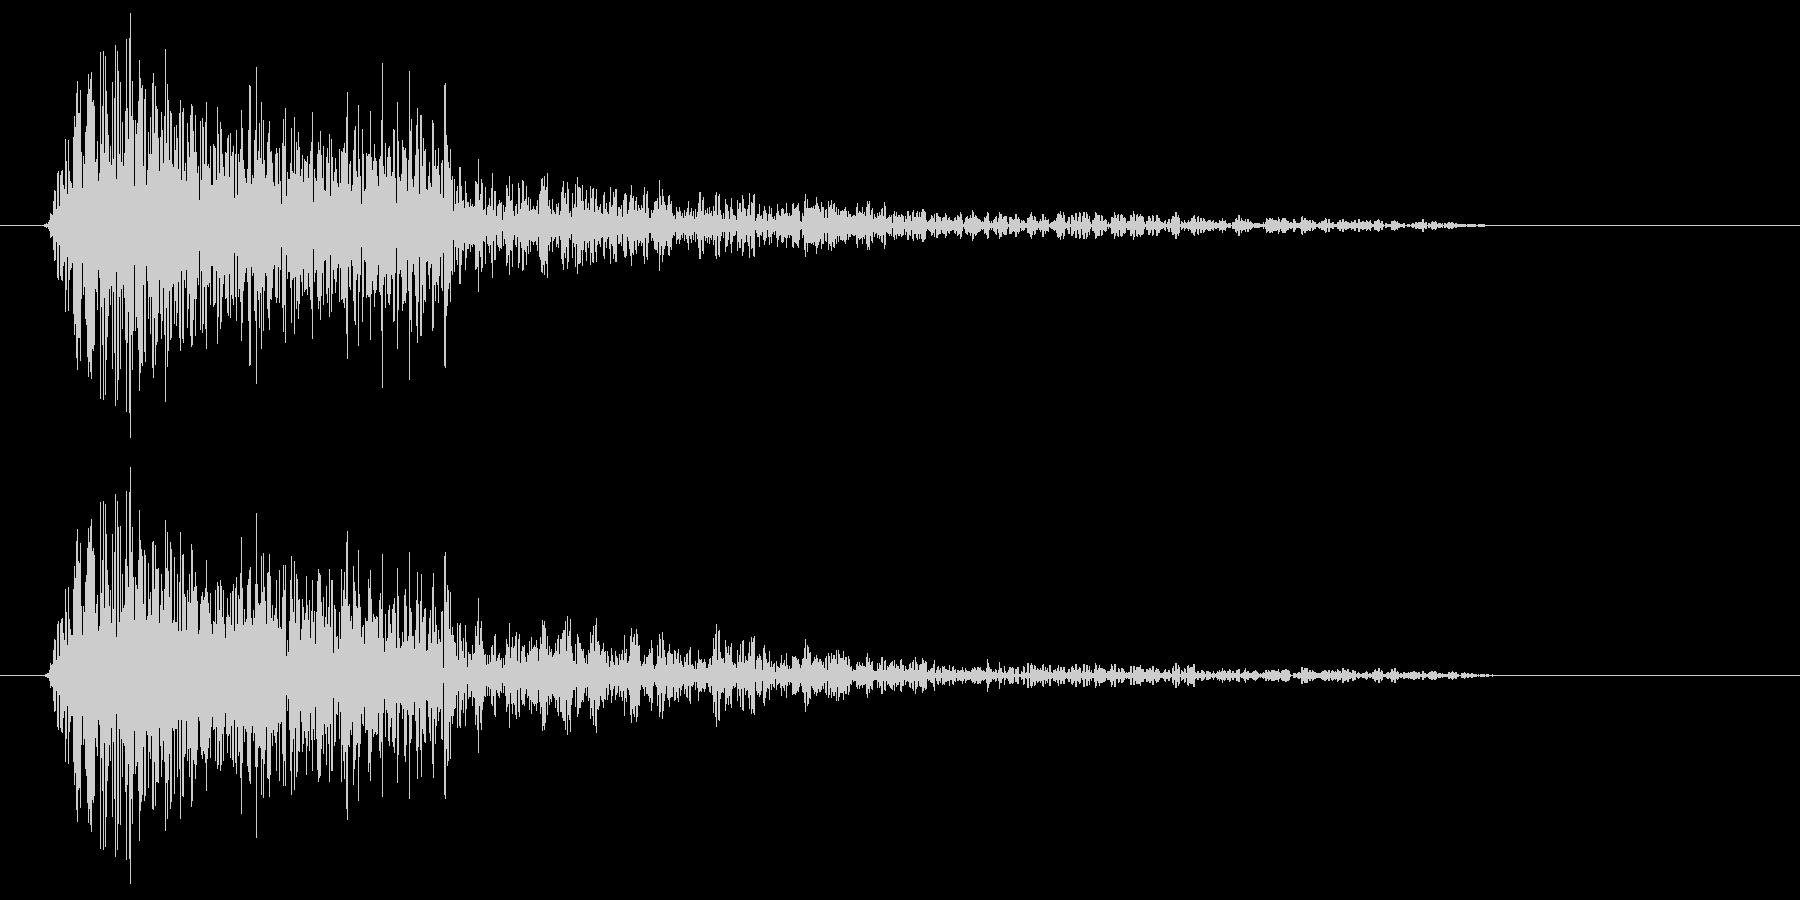 アイテムに触れたときの音の未再生の波形